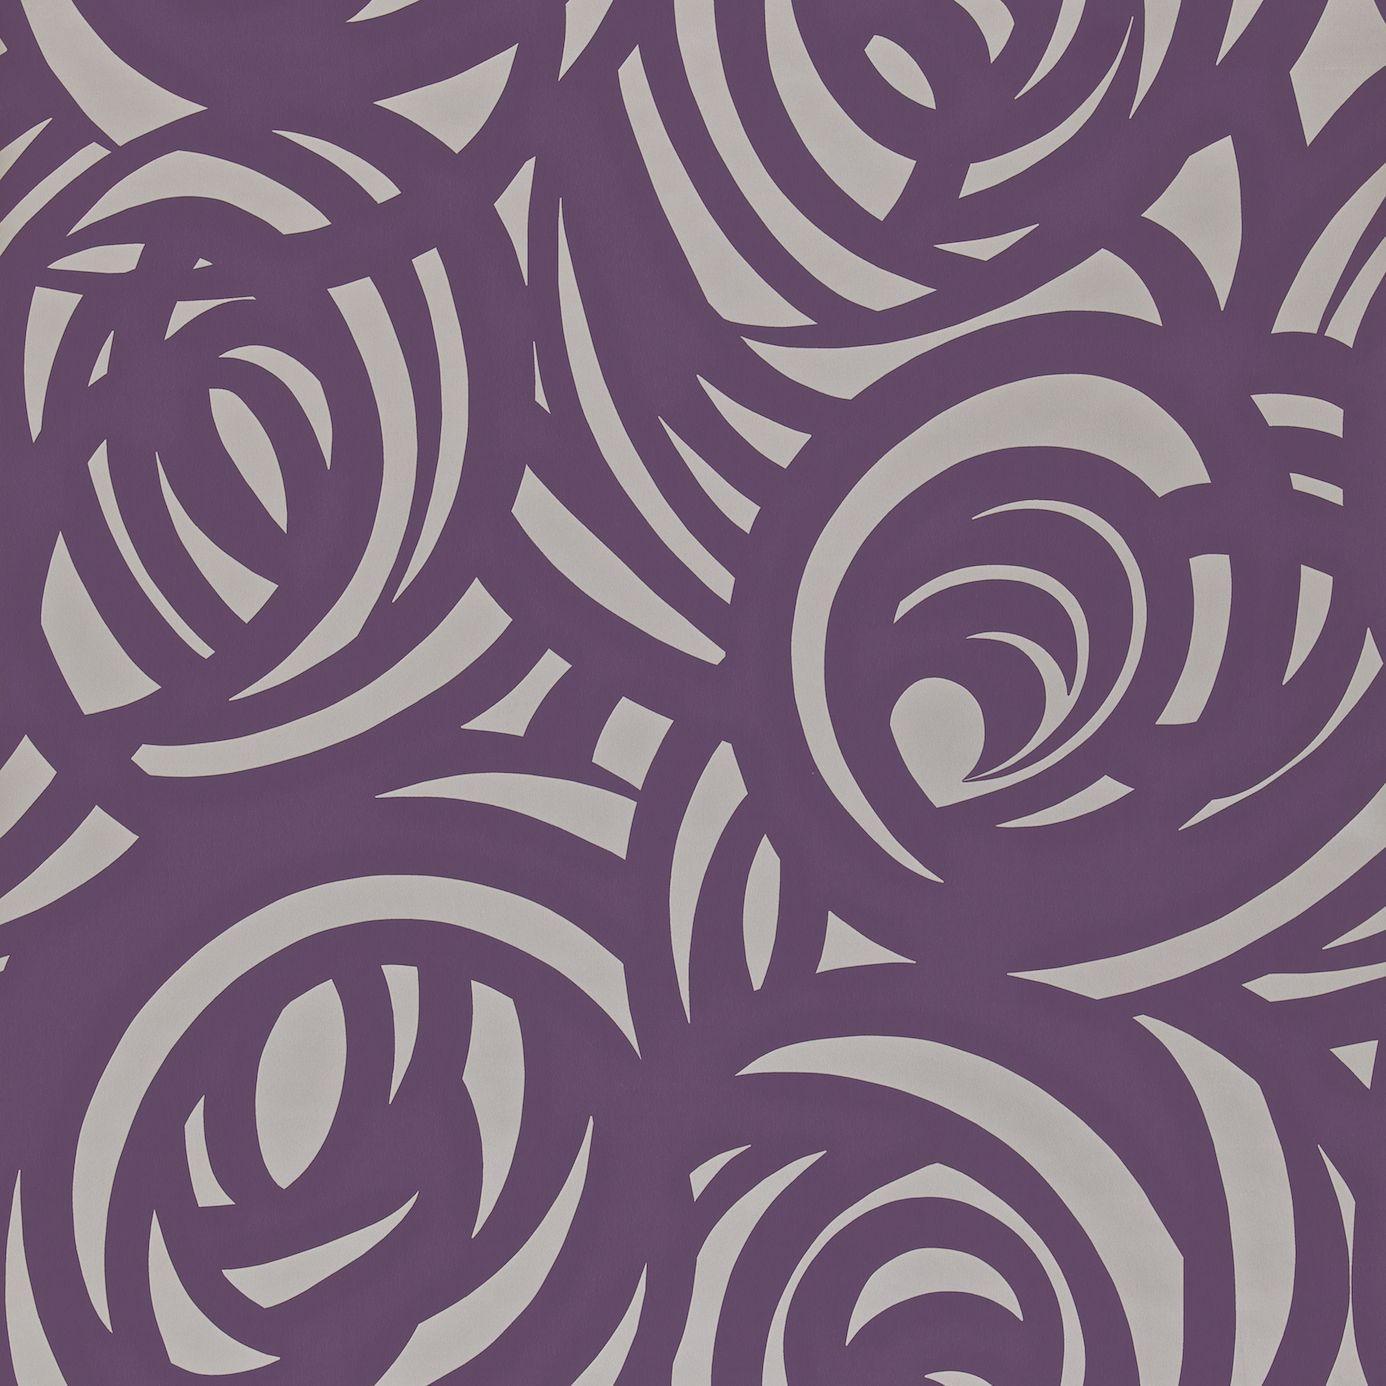 Home Wallpapers Harlequin Momentum Wallpapers Vortex Wallpaper 1386x1386